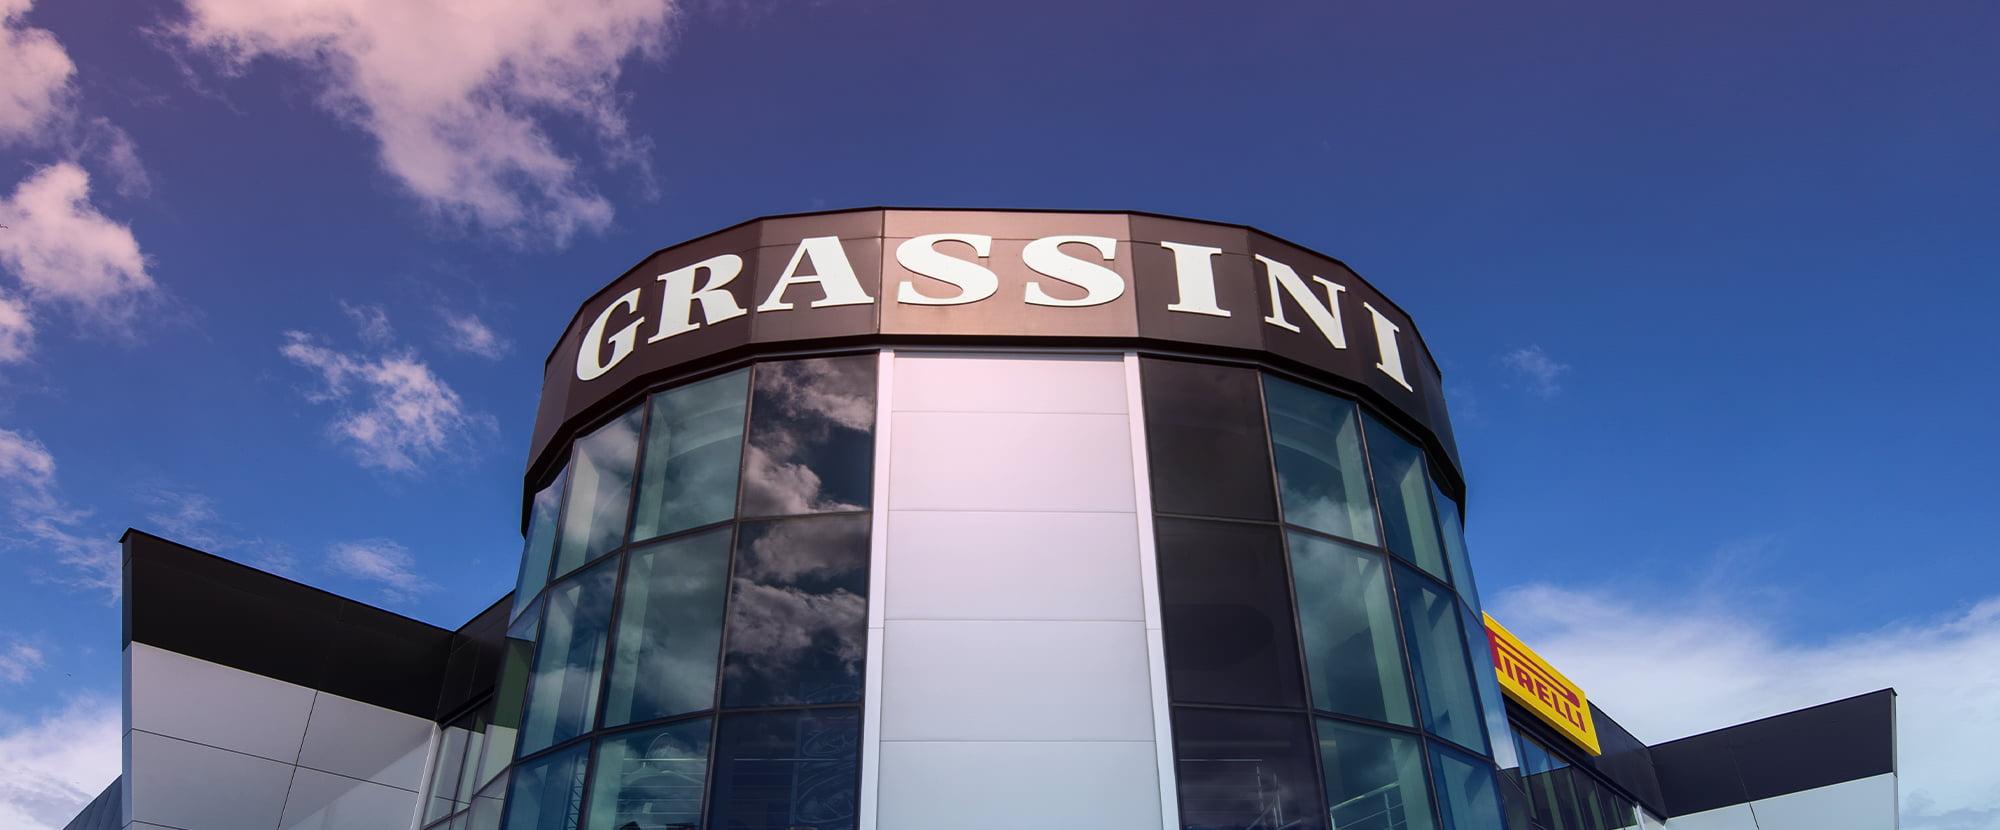 Grassini_esterno_2.jpg